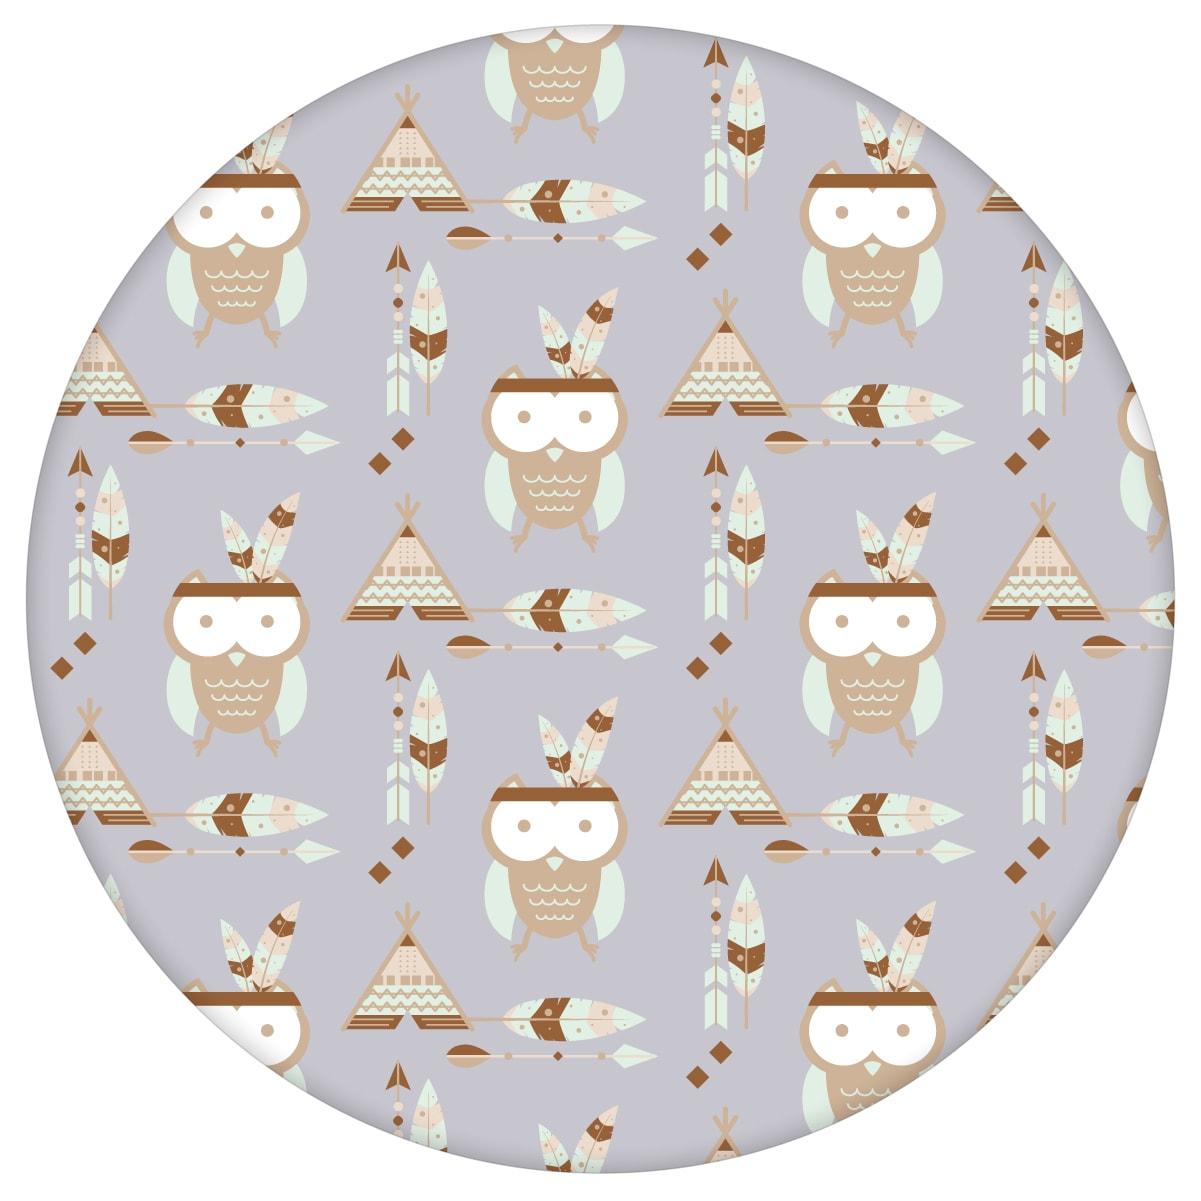 Kindertapete Indianer Eulen mit Federn in grau - Design Tapete für Kinderzimmer 1